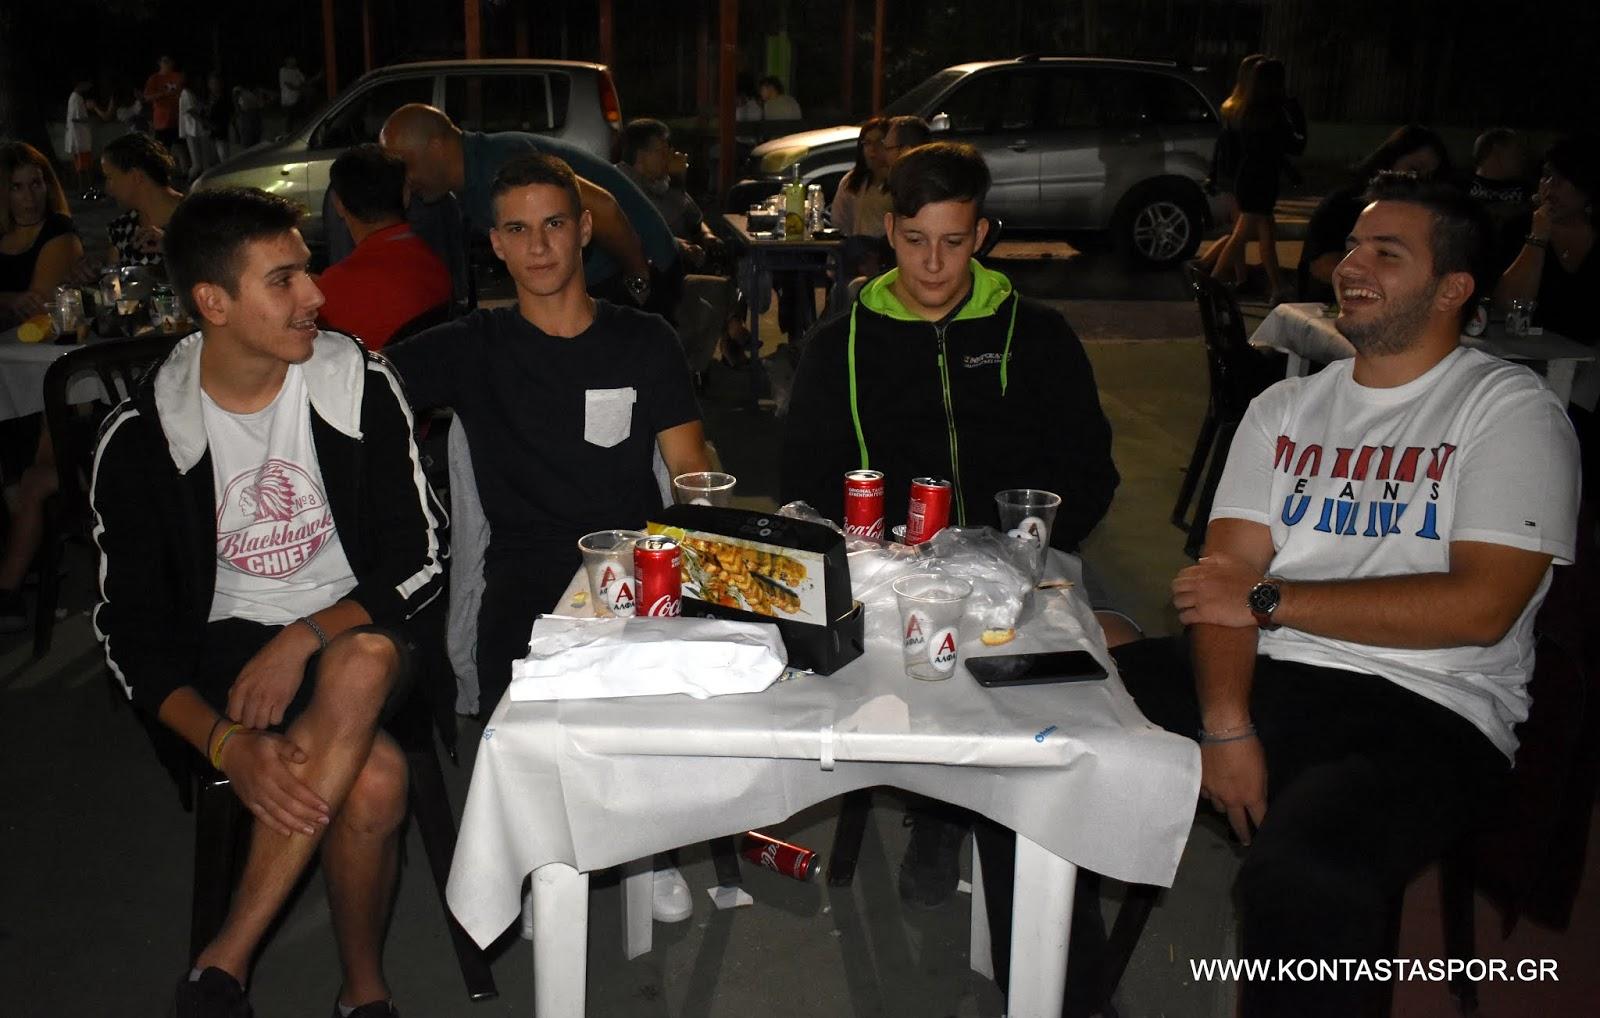 Με επιτυχία η λαική βραδιά  Αδαμαντίδη στα Ψαχνά (φωτογραφίες) 1 DSC 0100